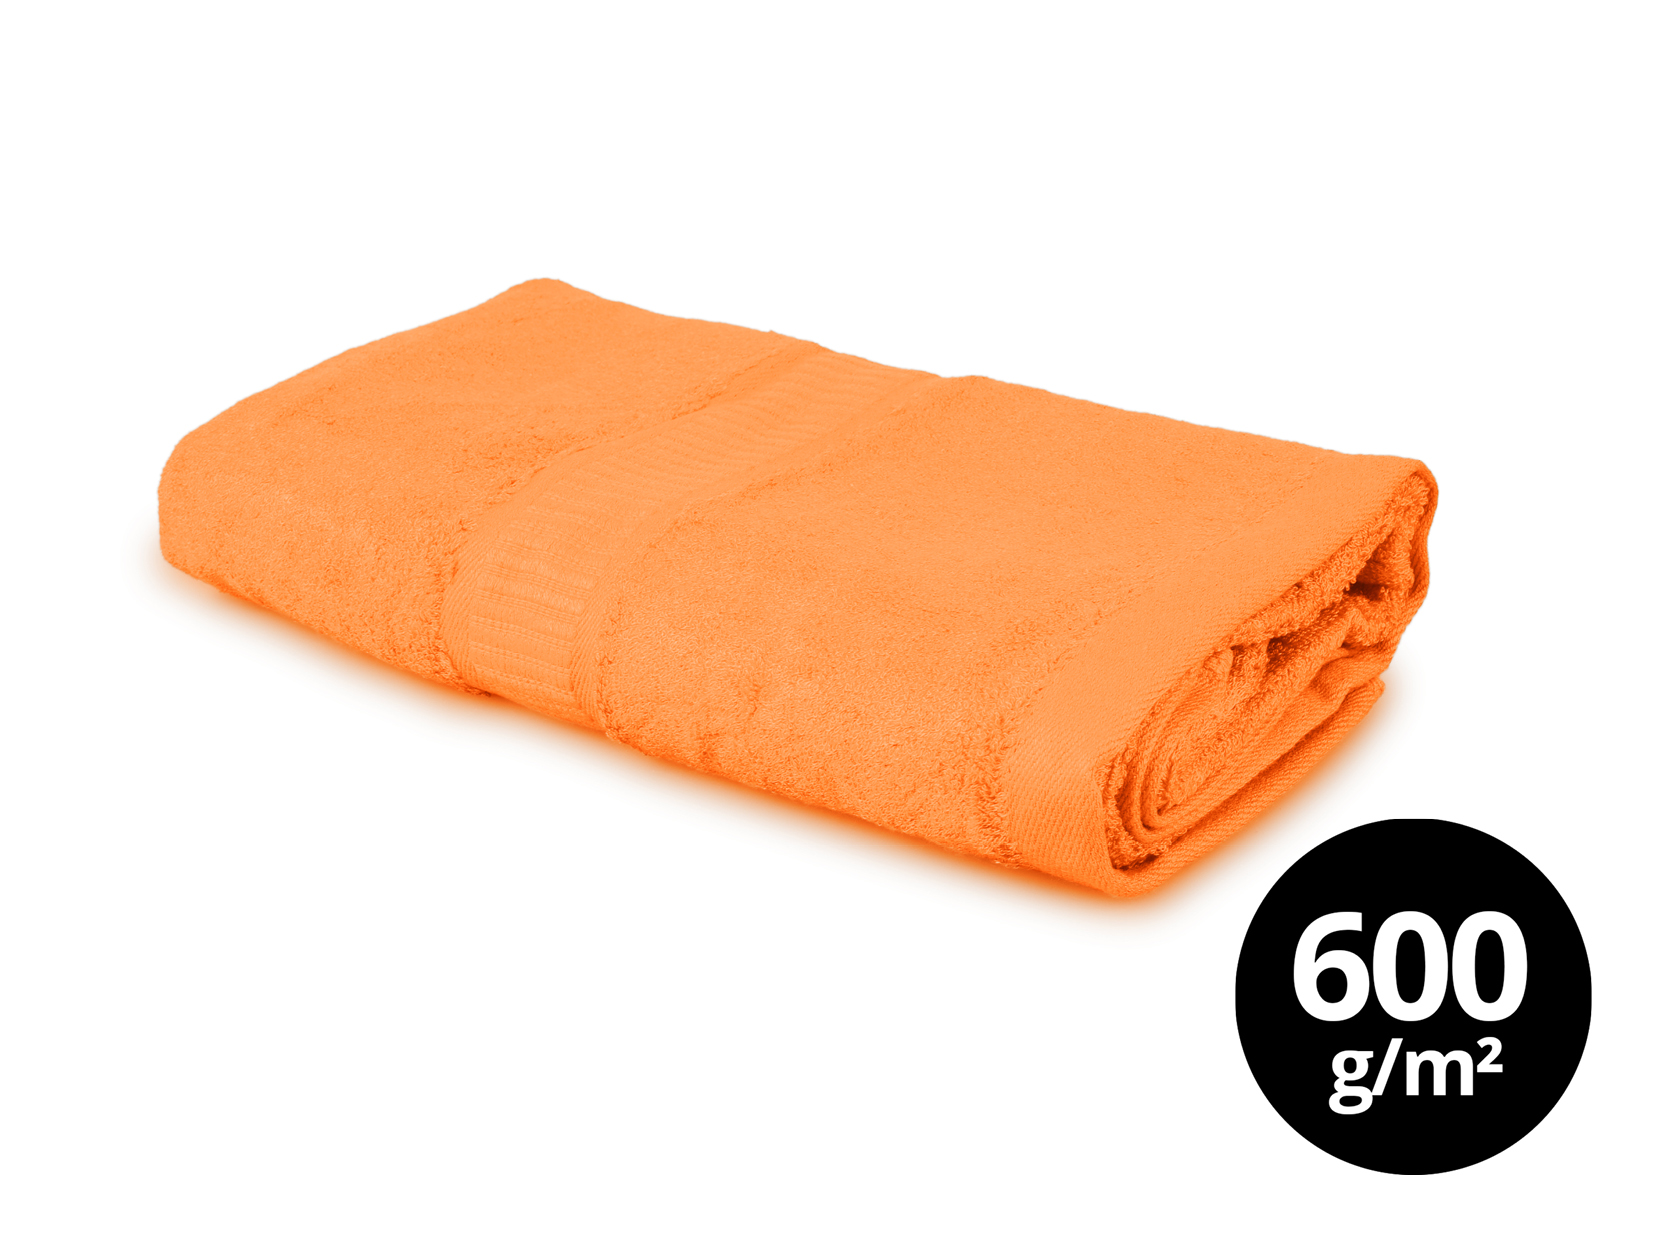 BAMBOO velký ručník, s elegantní bordurou